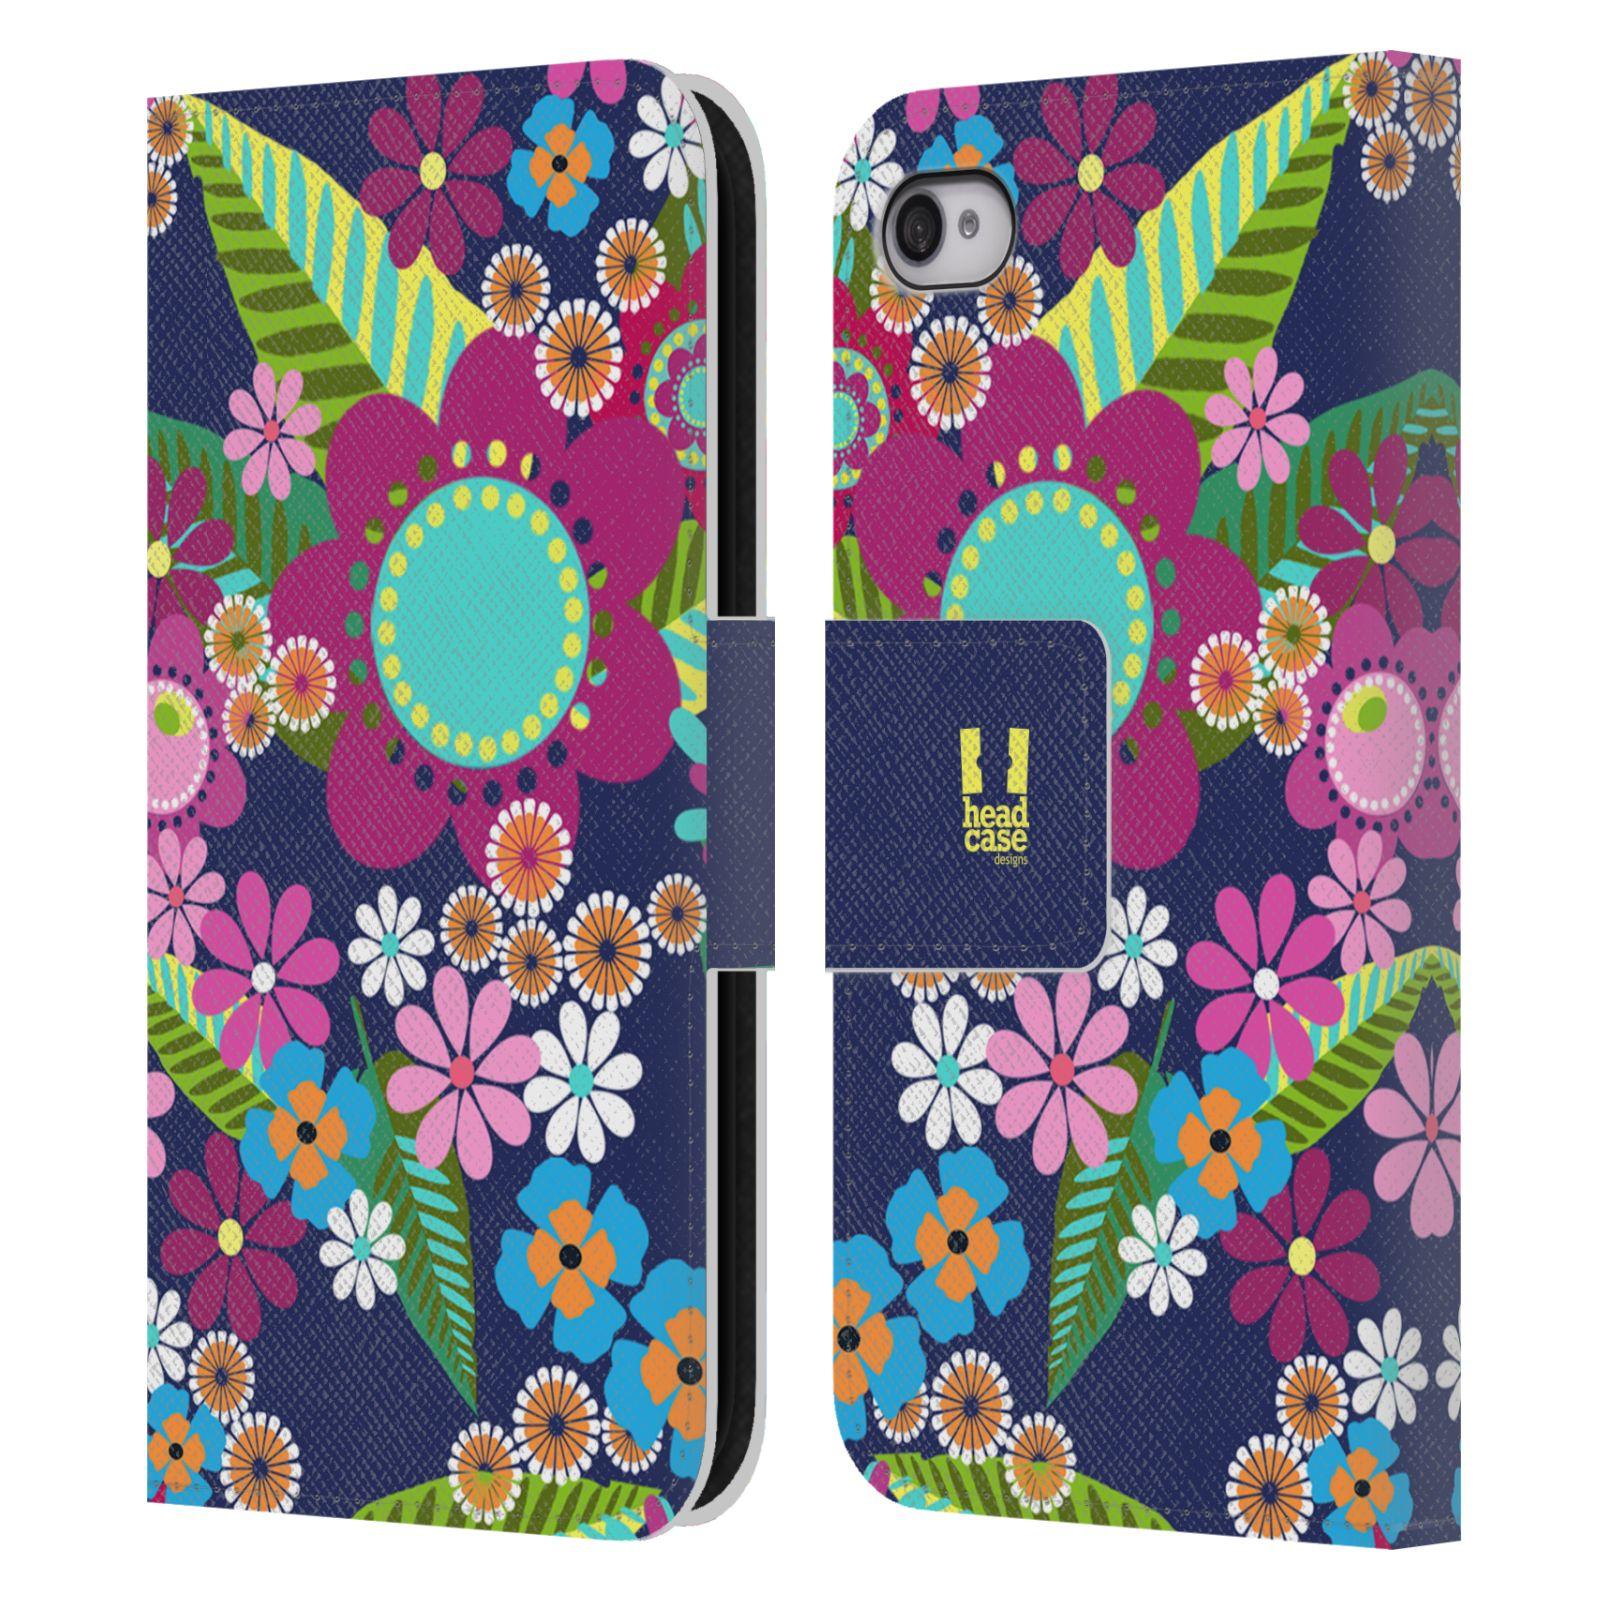 HEAD CASE Flipové pouzdro pro mobil Apple Iphone 4/4s BOTANIKA barevné květy modrá